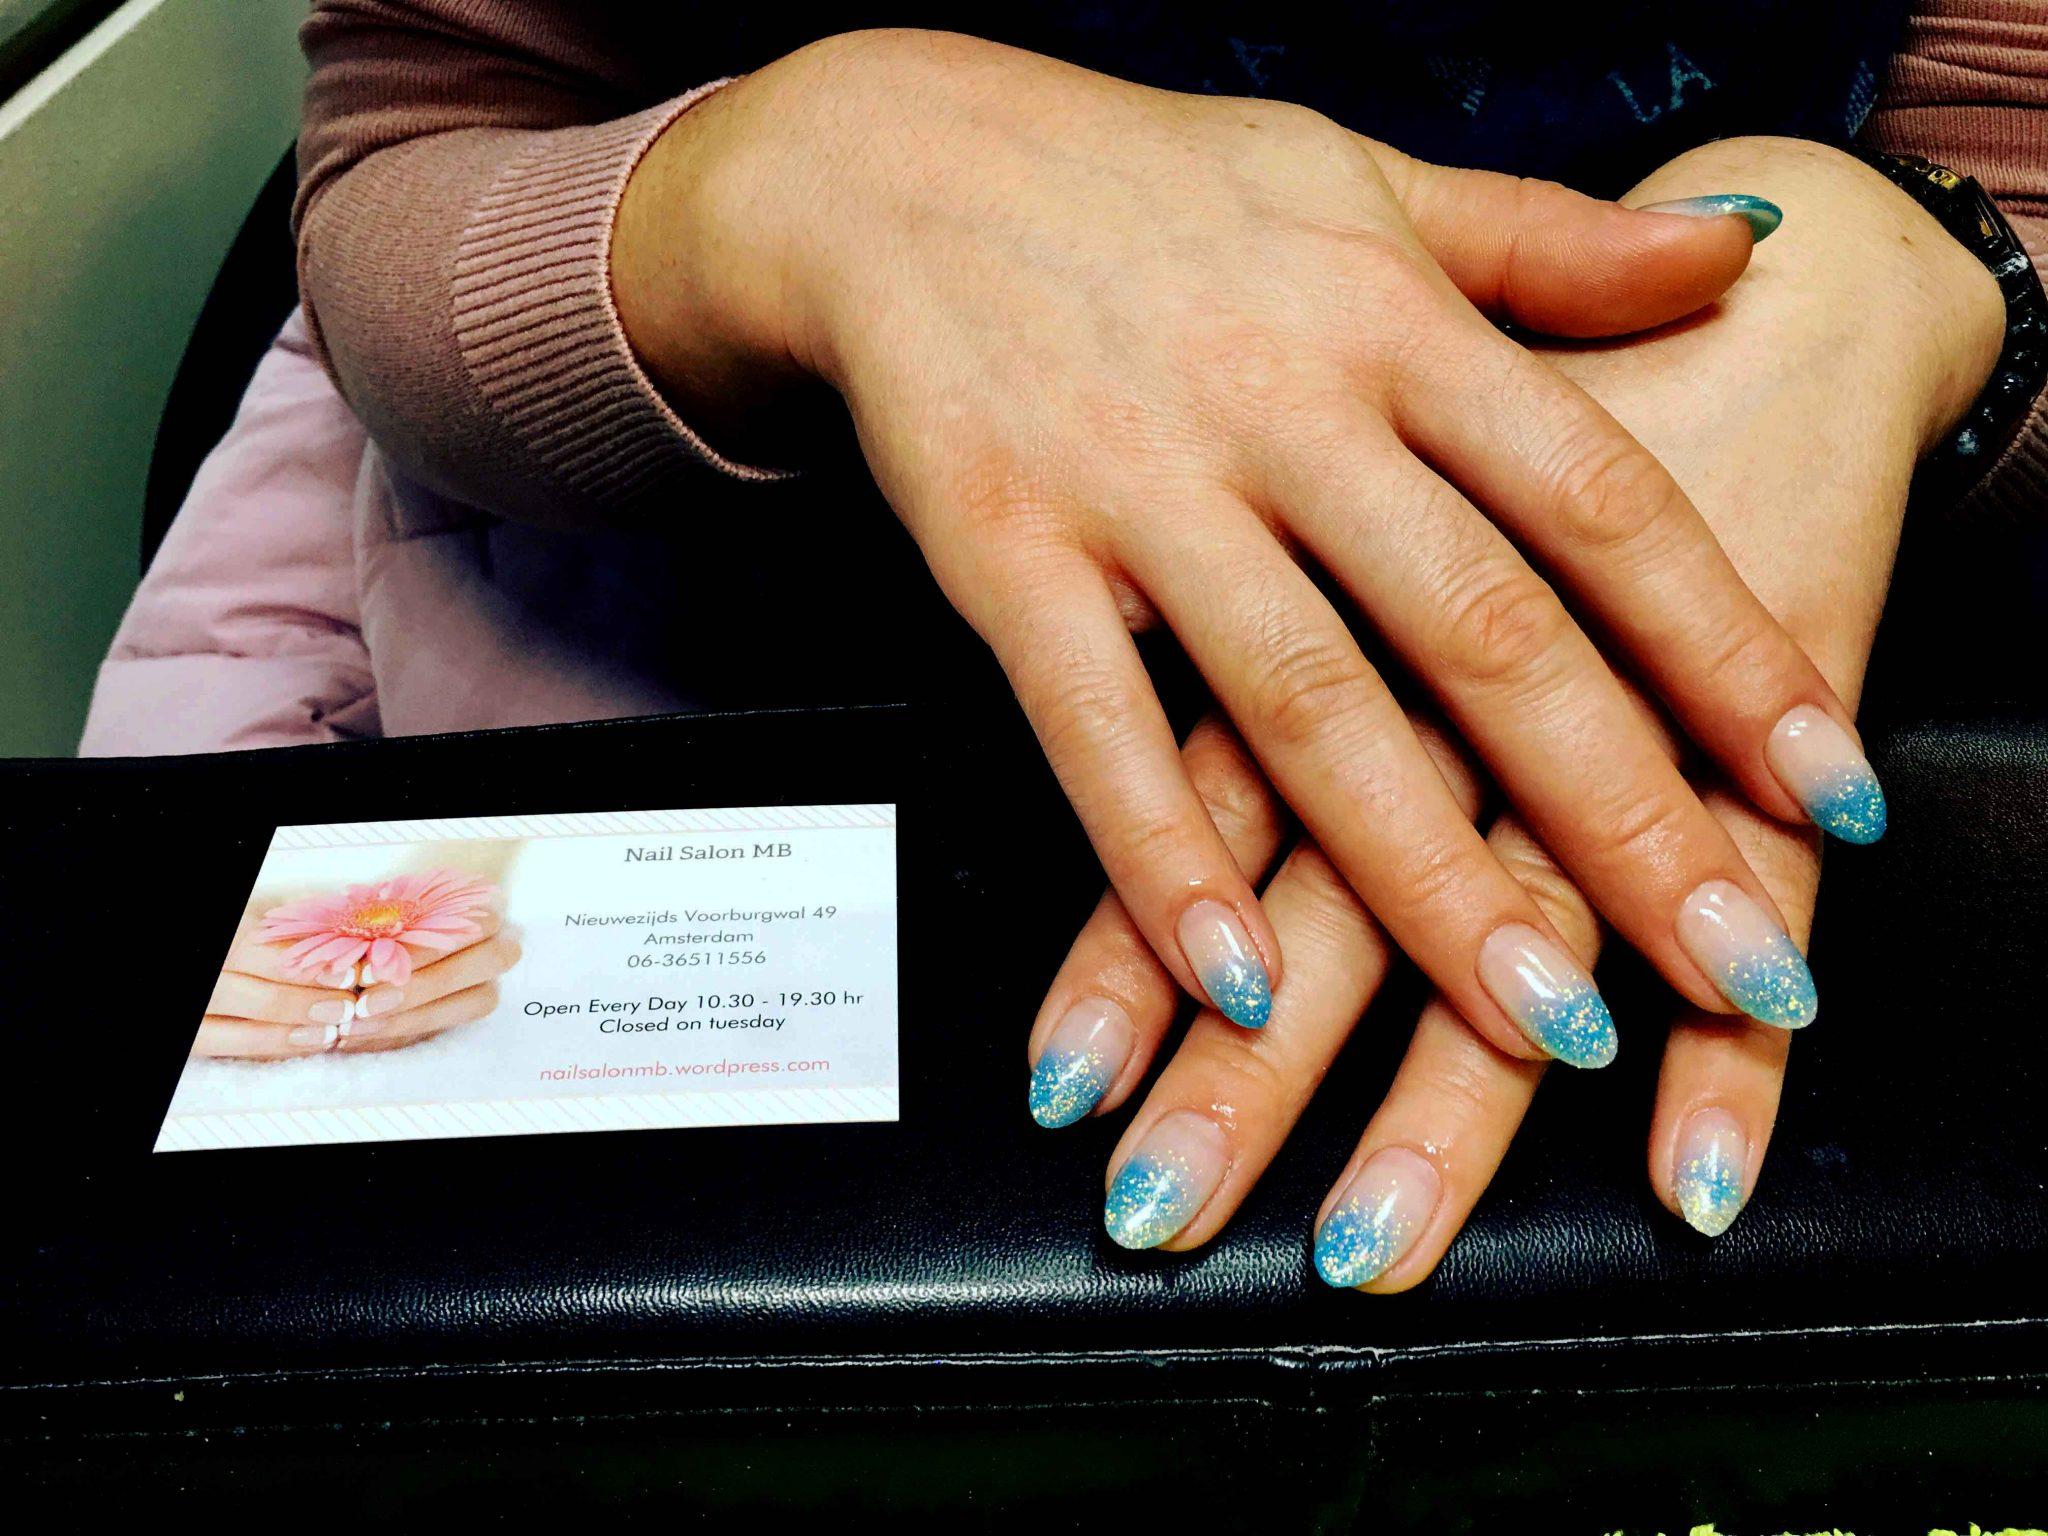 gel nagels met witte tips afgwerkt met blauw/turquise glitter nail art